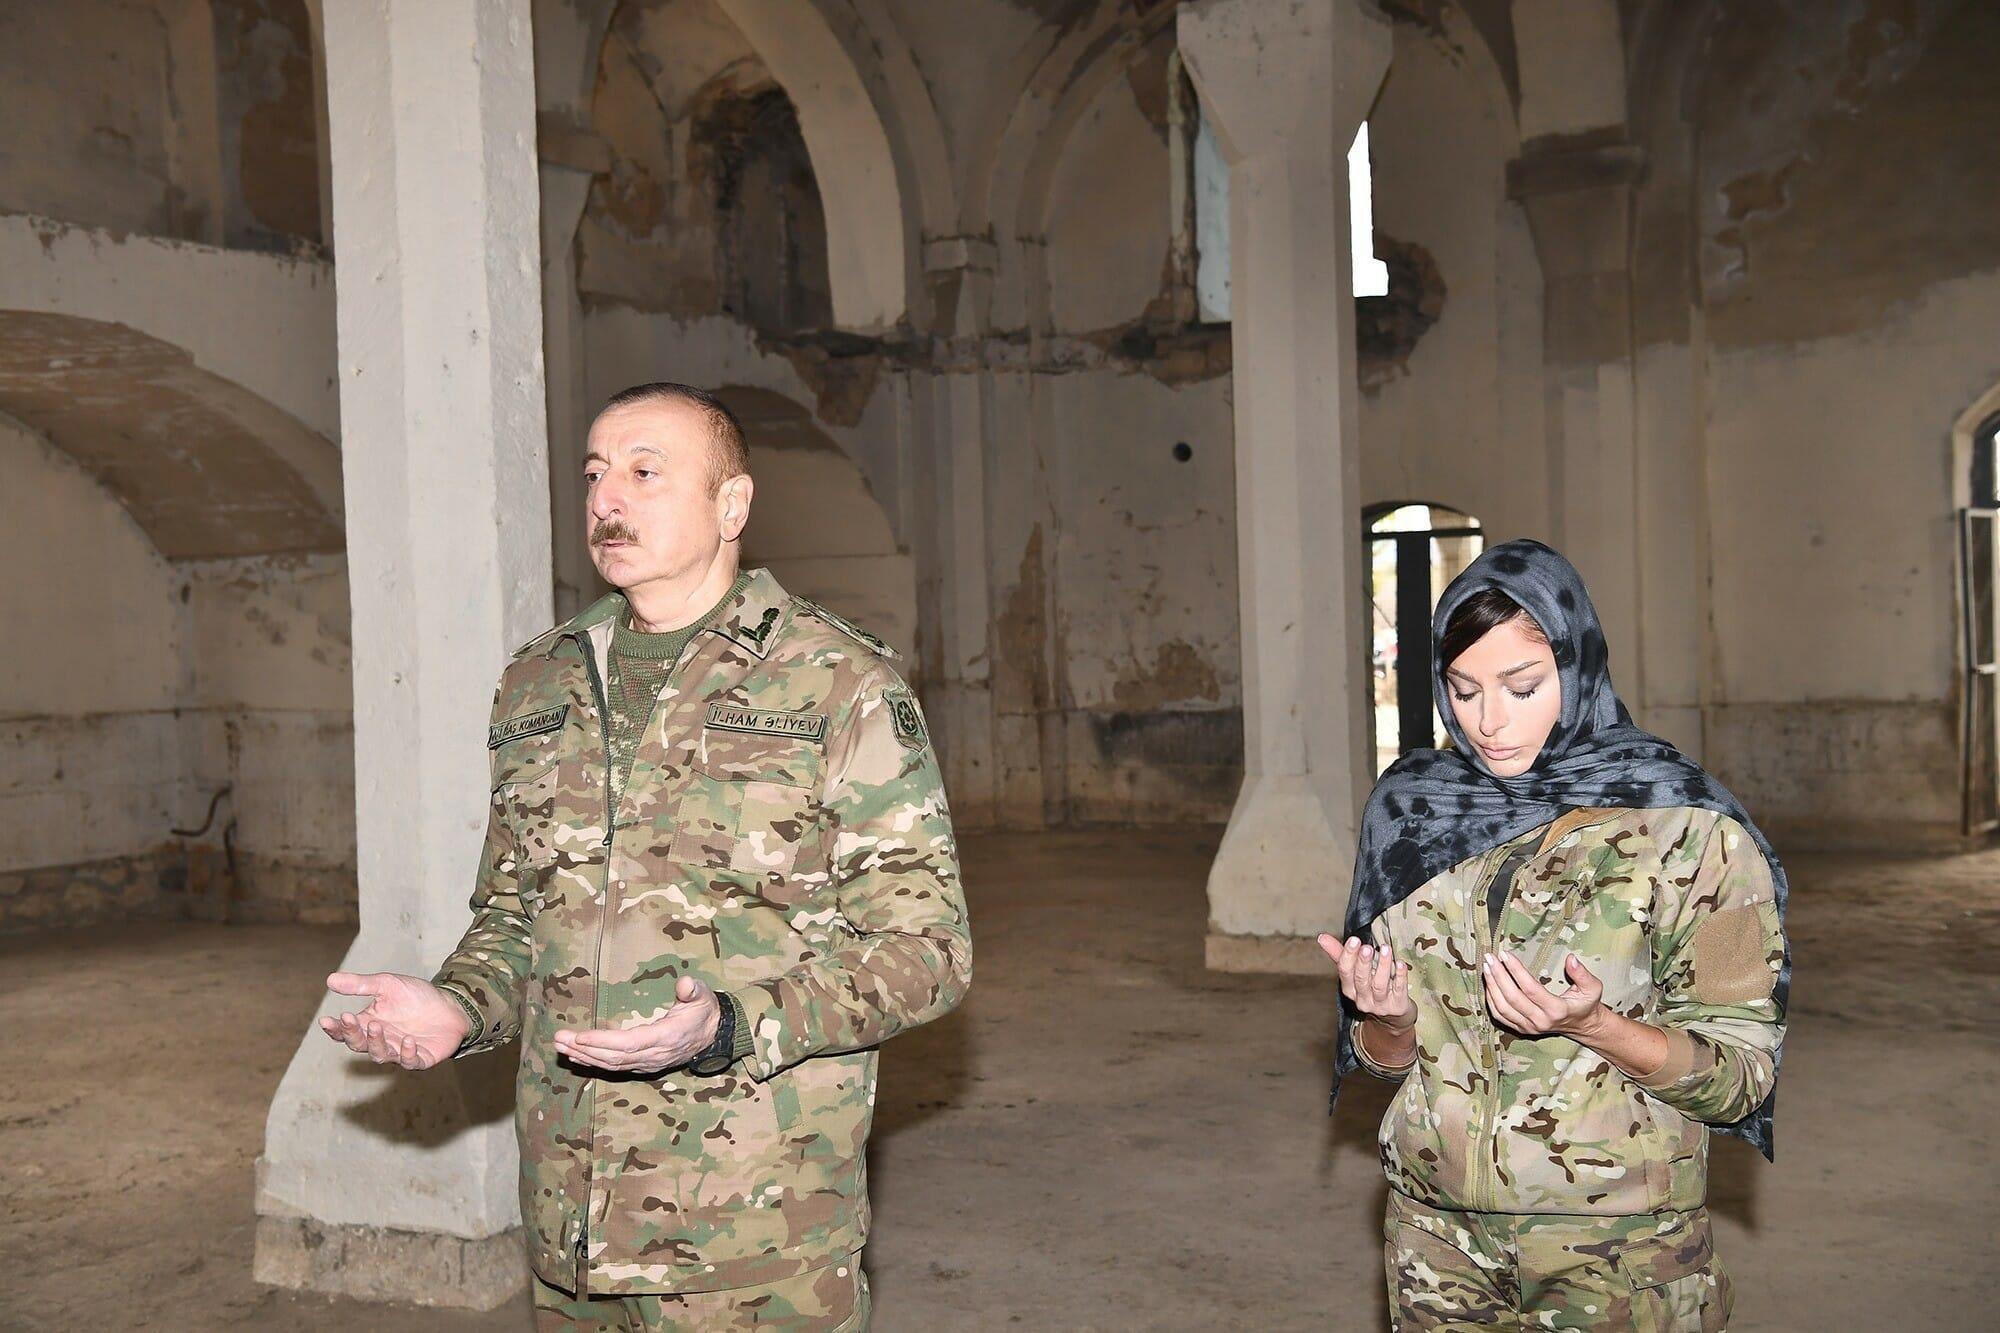 رئيس أذربيجان إلهام علييف إلهام علييف وزوجته مهريبان علييفا في مسجد تاريخي مدينة أغدام المحررة